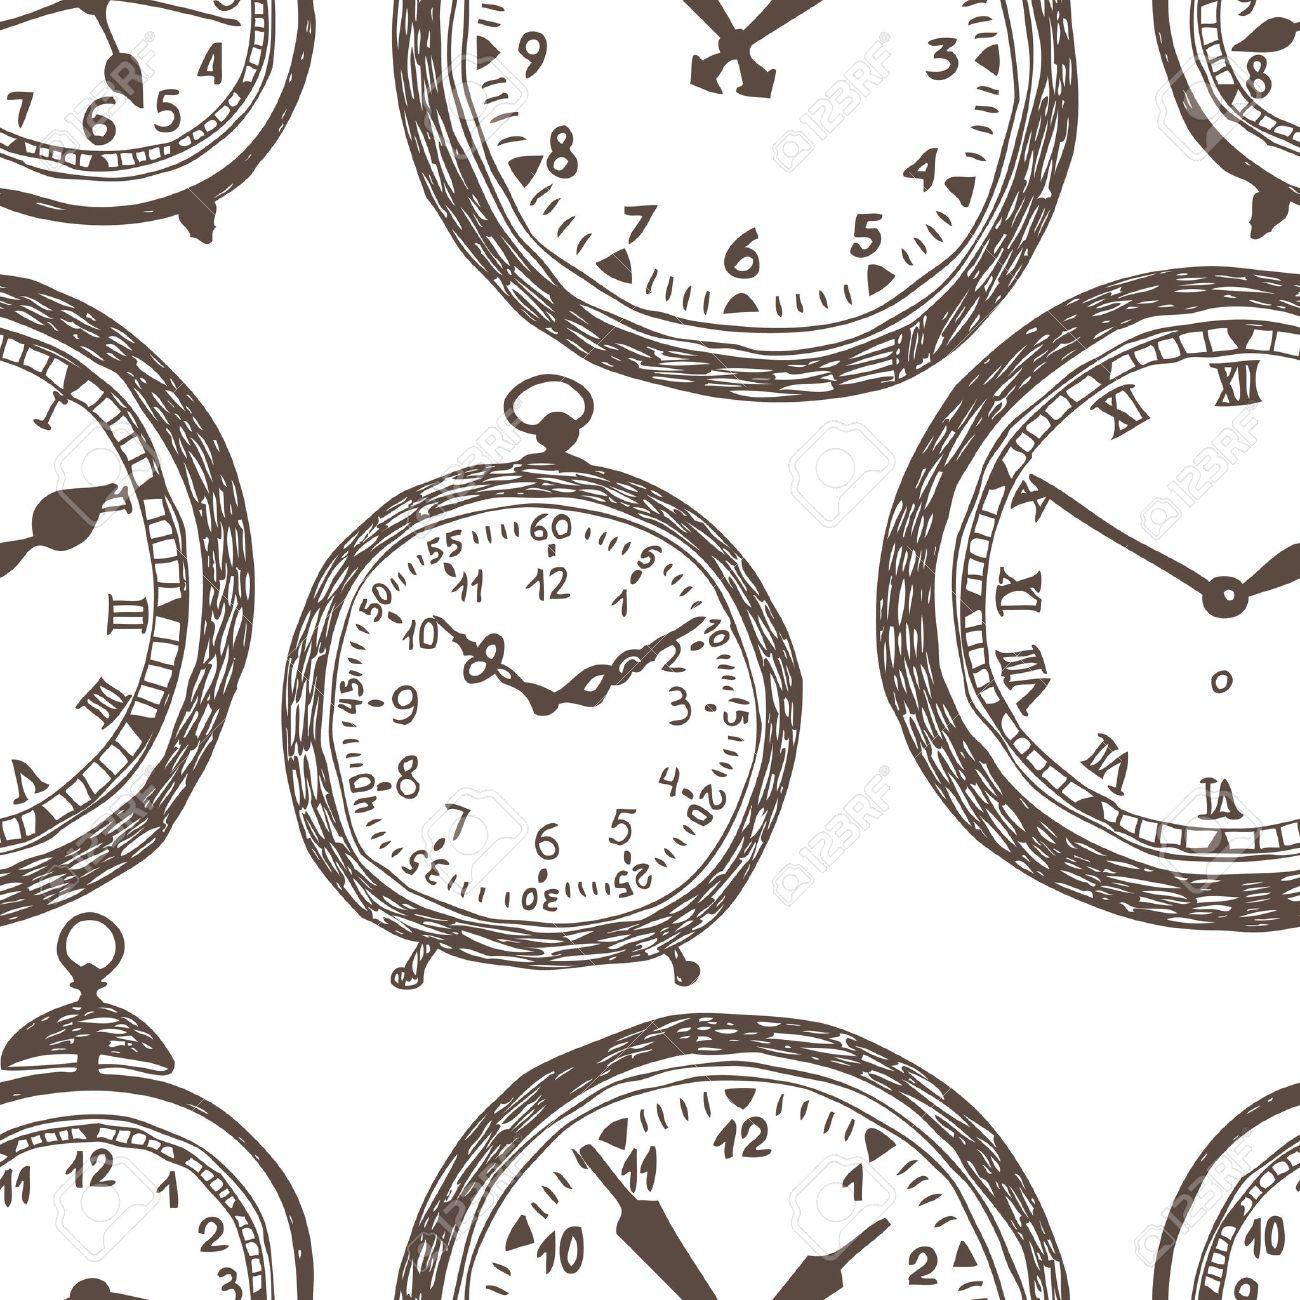 old pocket watch Fondo del reloj. Dibujo oscuro sobre un fondo blanco. Vectores